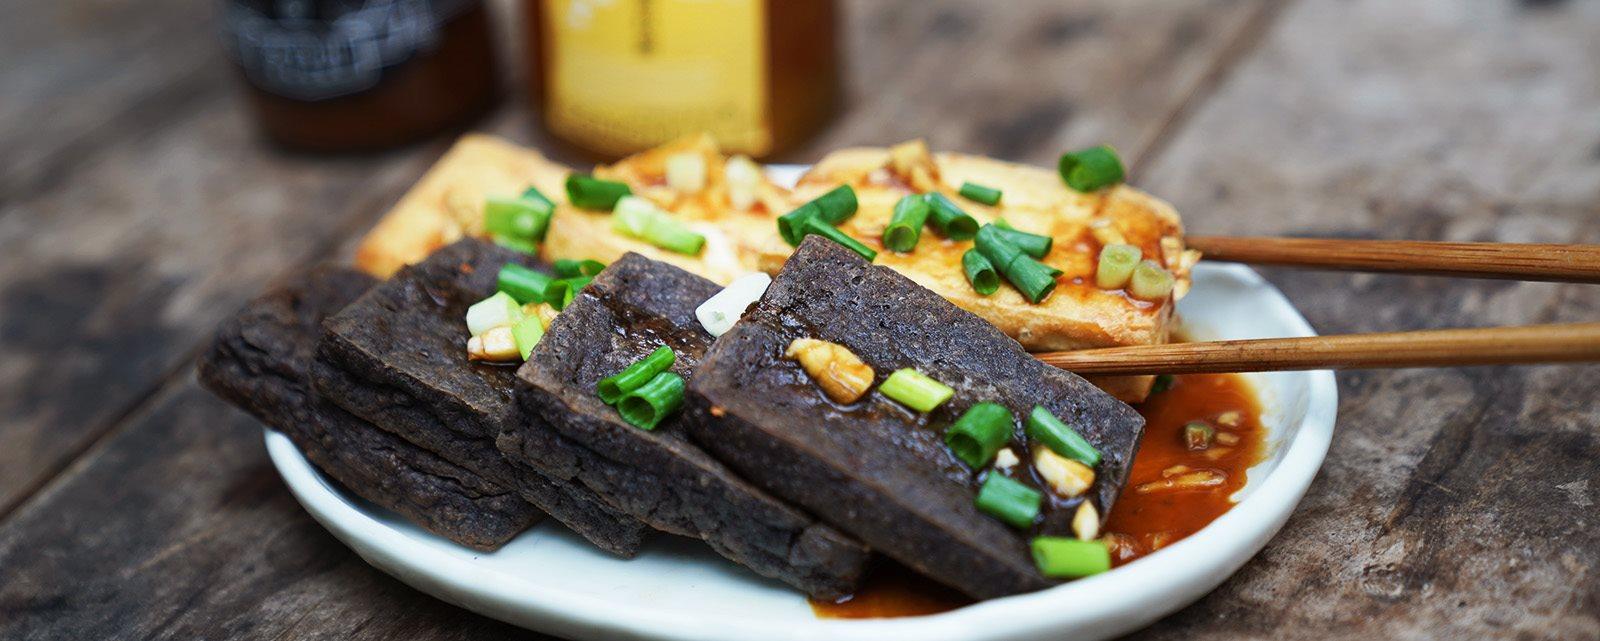 香煎豆腐佐味噌御露蜂蜜醬,快速上桌的美味料理   禾乃川小廚房